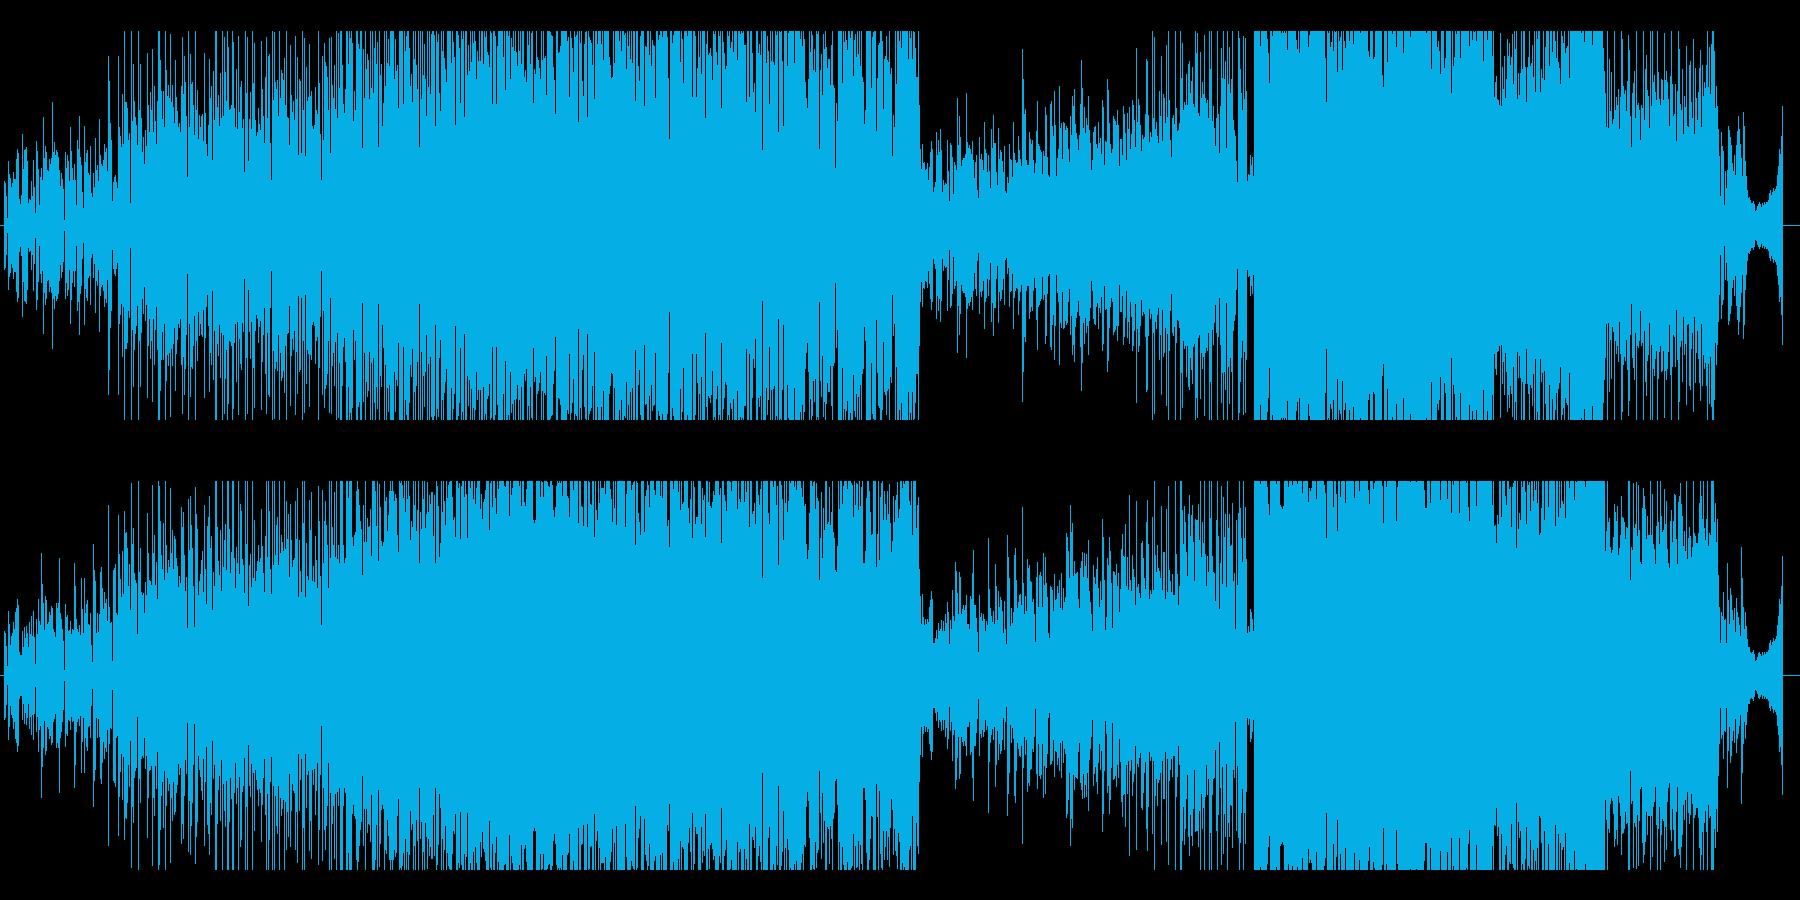 ポップで明るく可愛いフューチャーベース曲の再生済みの波形